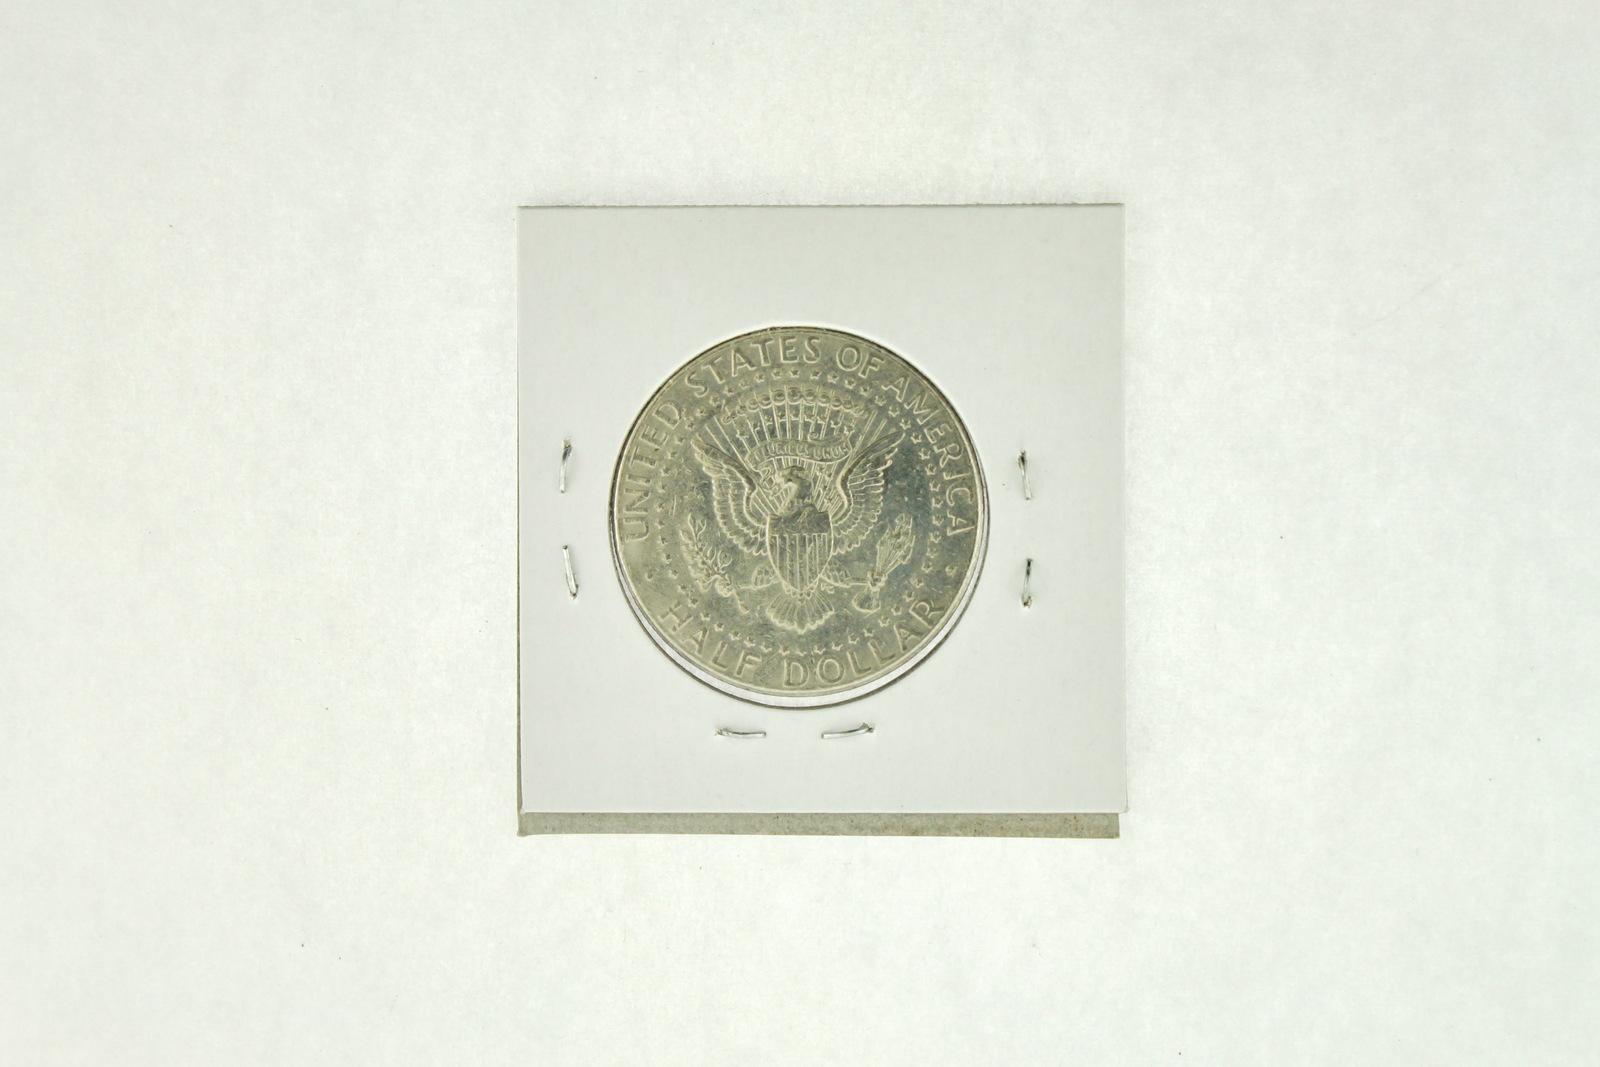 2000-D Kennedy Half Dollar (F) Fine N2-4008-6